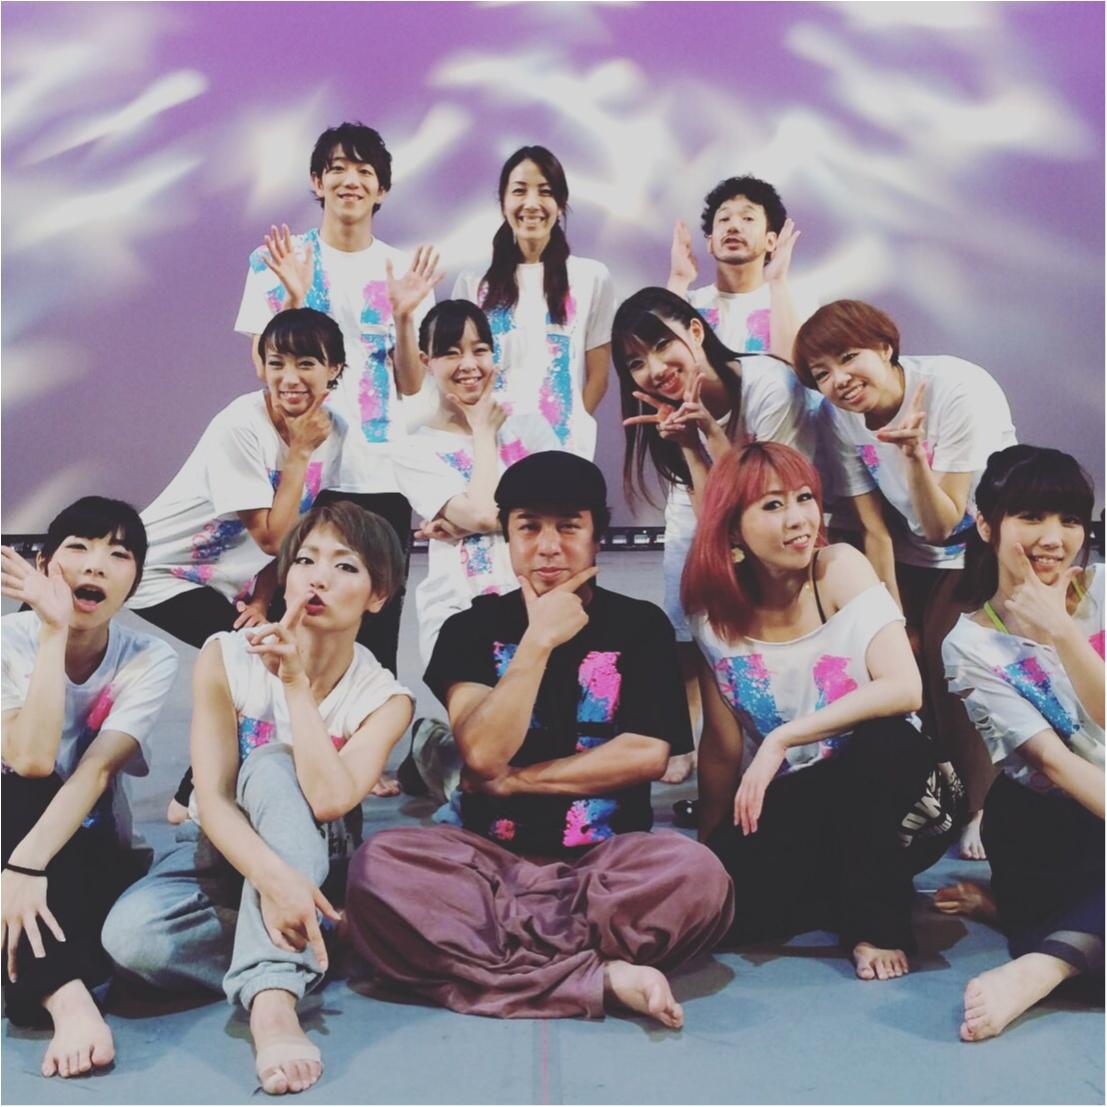 """《*music*》""""音楽との出会い""""は""""人との出会い""""✨そう思わせてくれた日本で一番好きなボーカルユニット【vague】さんとお薦めsongを紹介♪_2"""